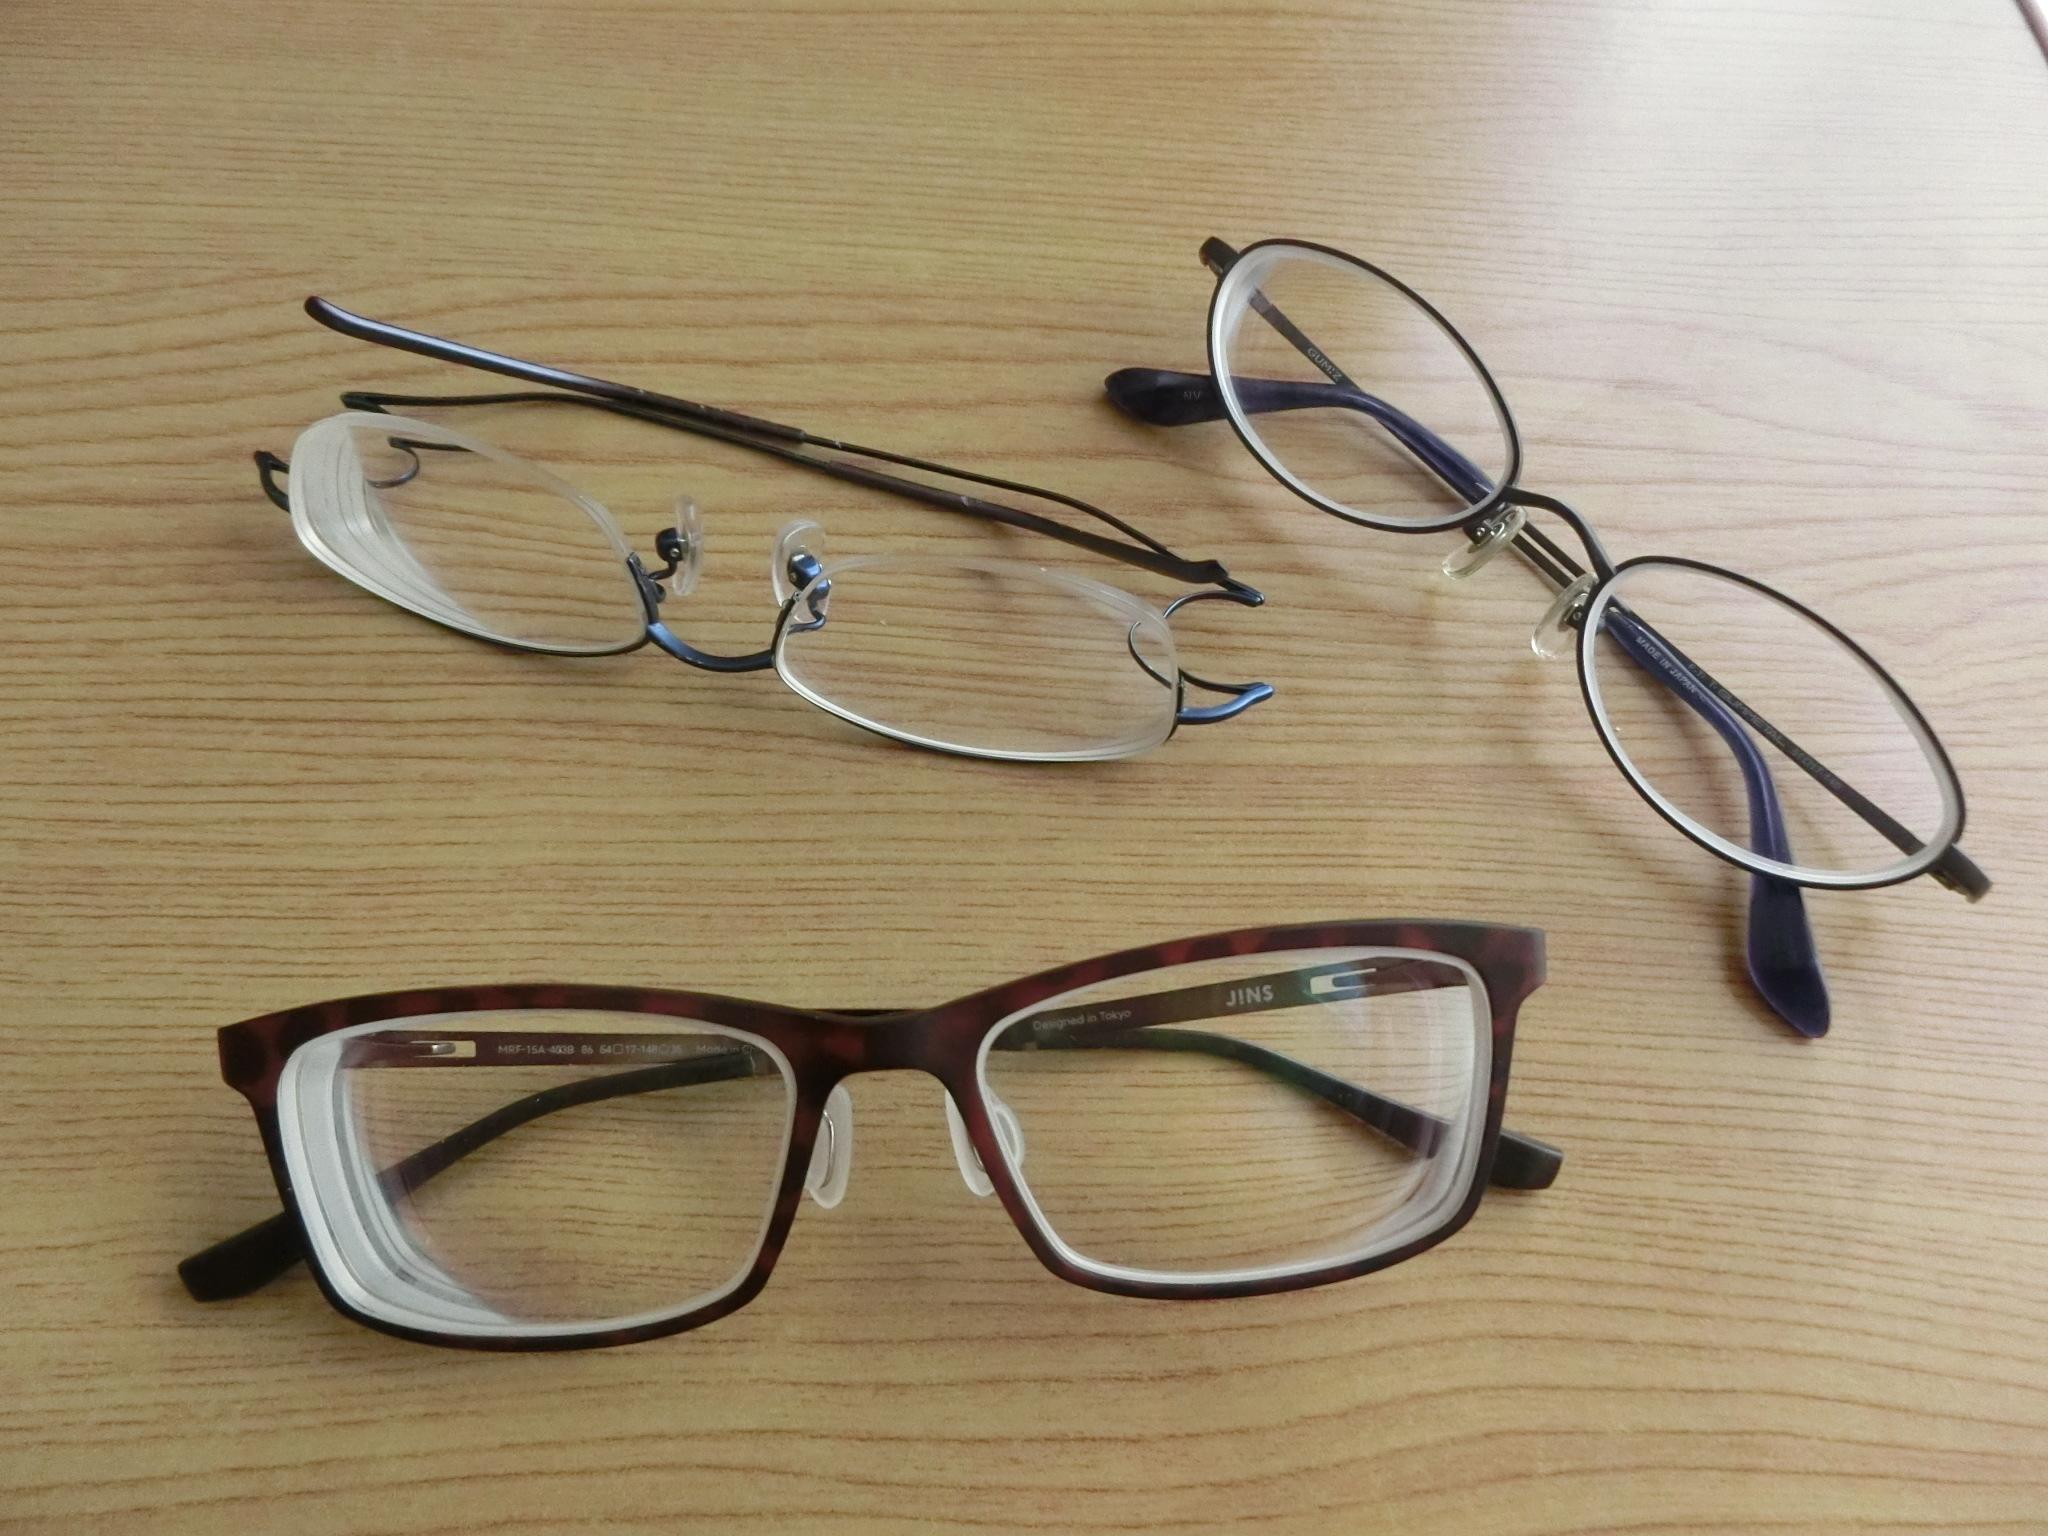 眼鏡色々な形